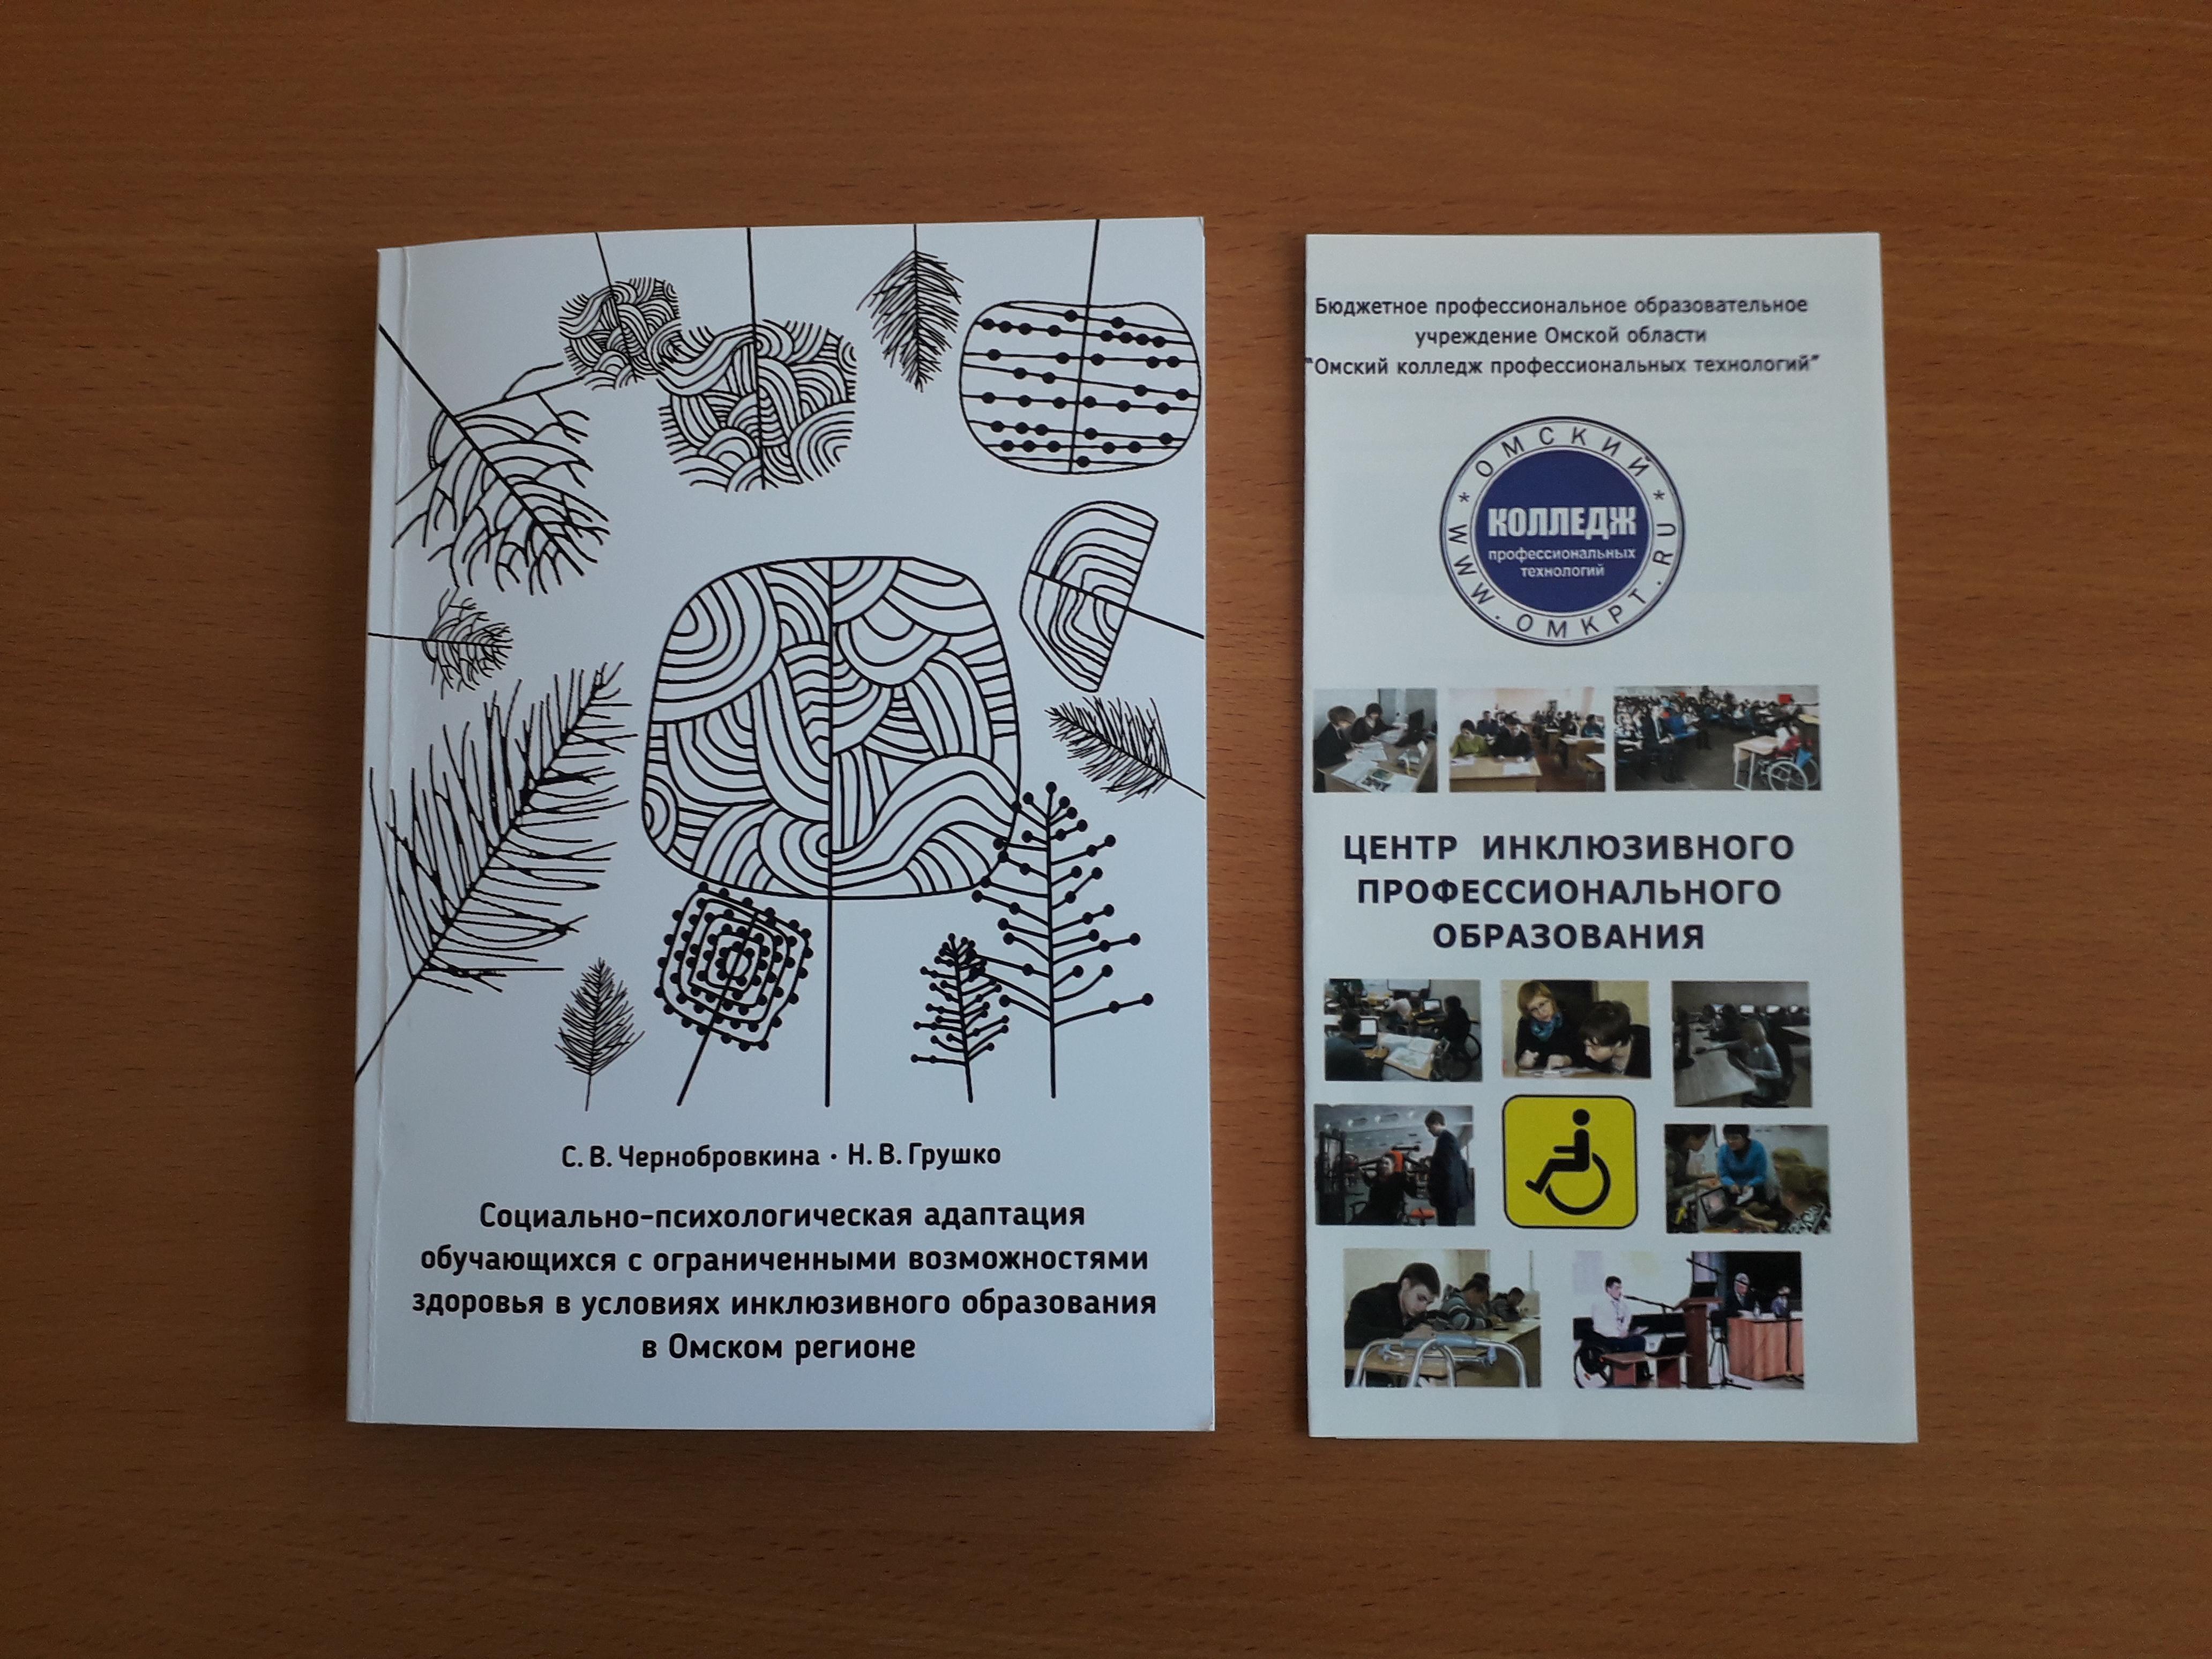 Итоги сотрудничества  ОКПТ и Омского государственного университета им. Ф.М. Достоевского